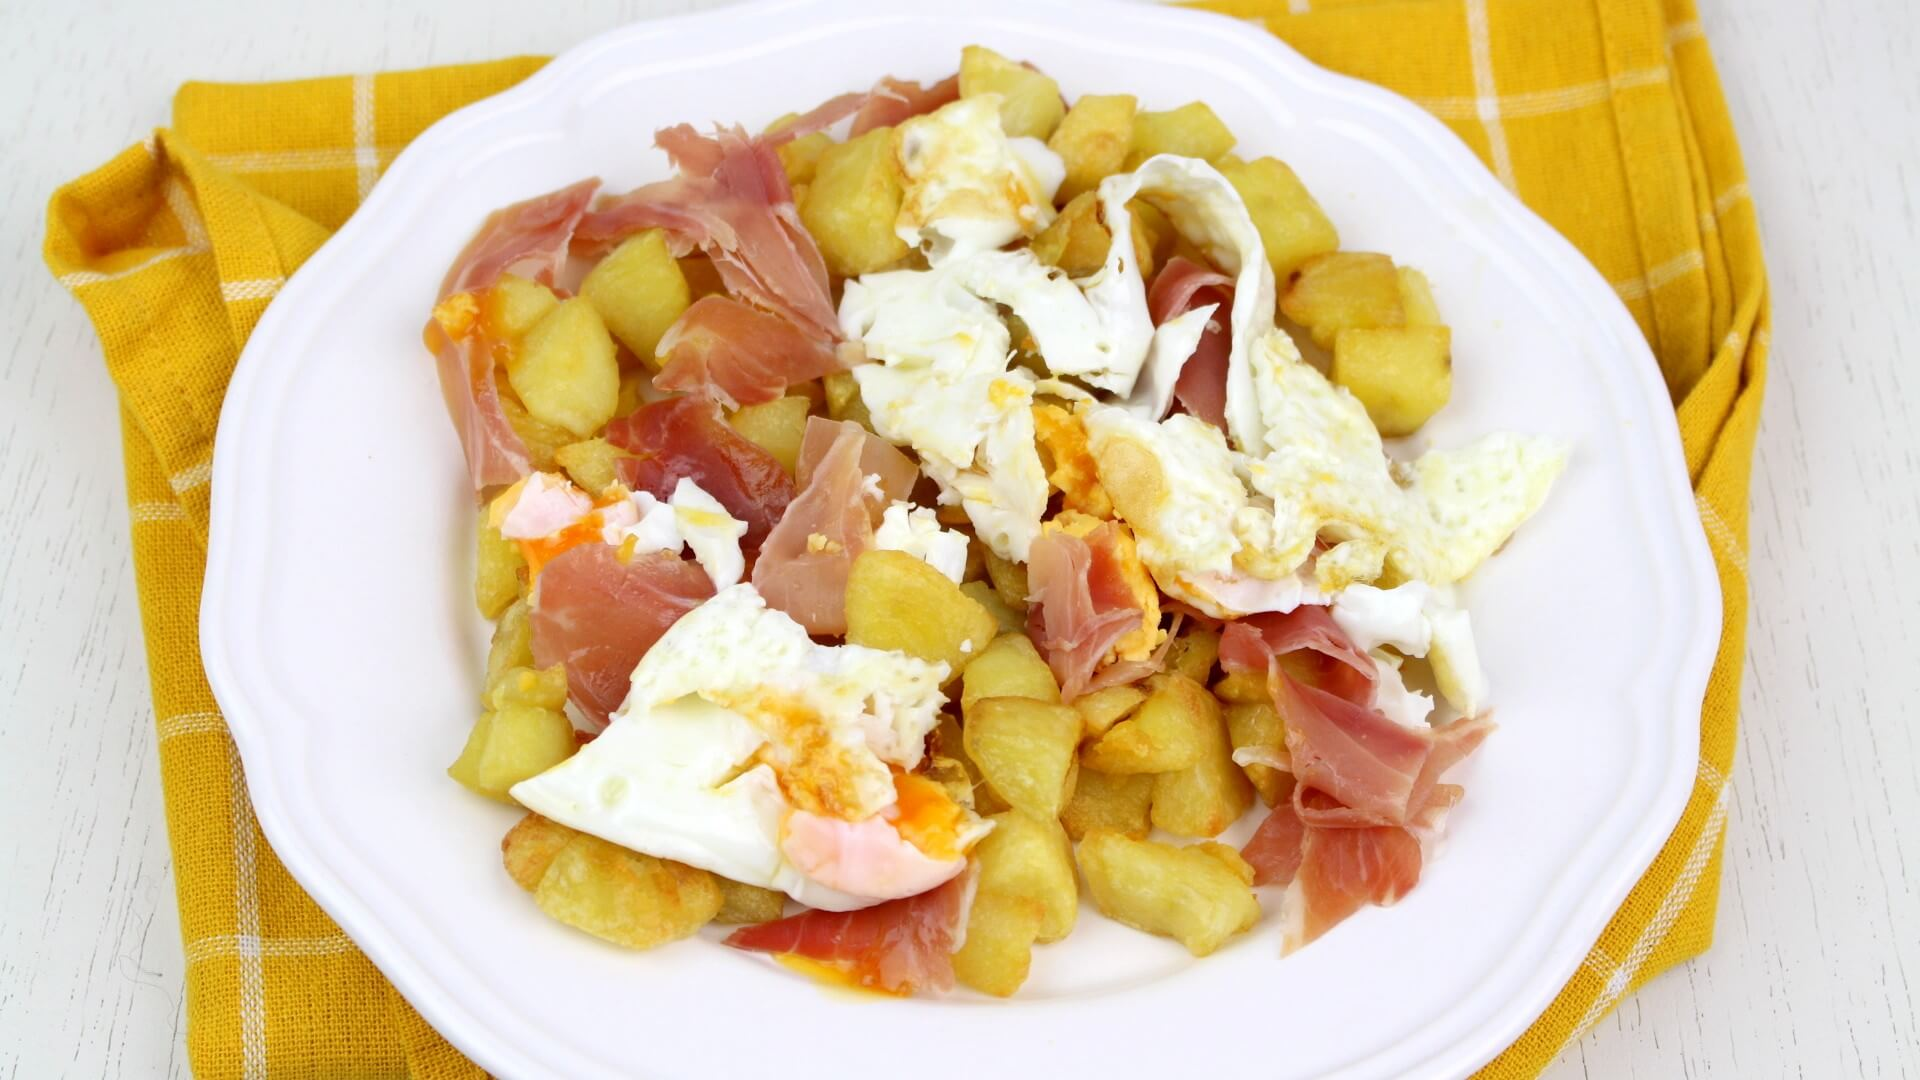 Huevos rotos con jamón versión ligera